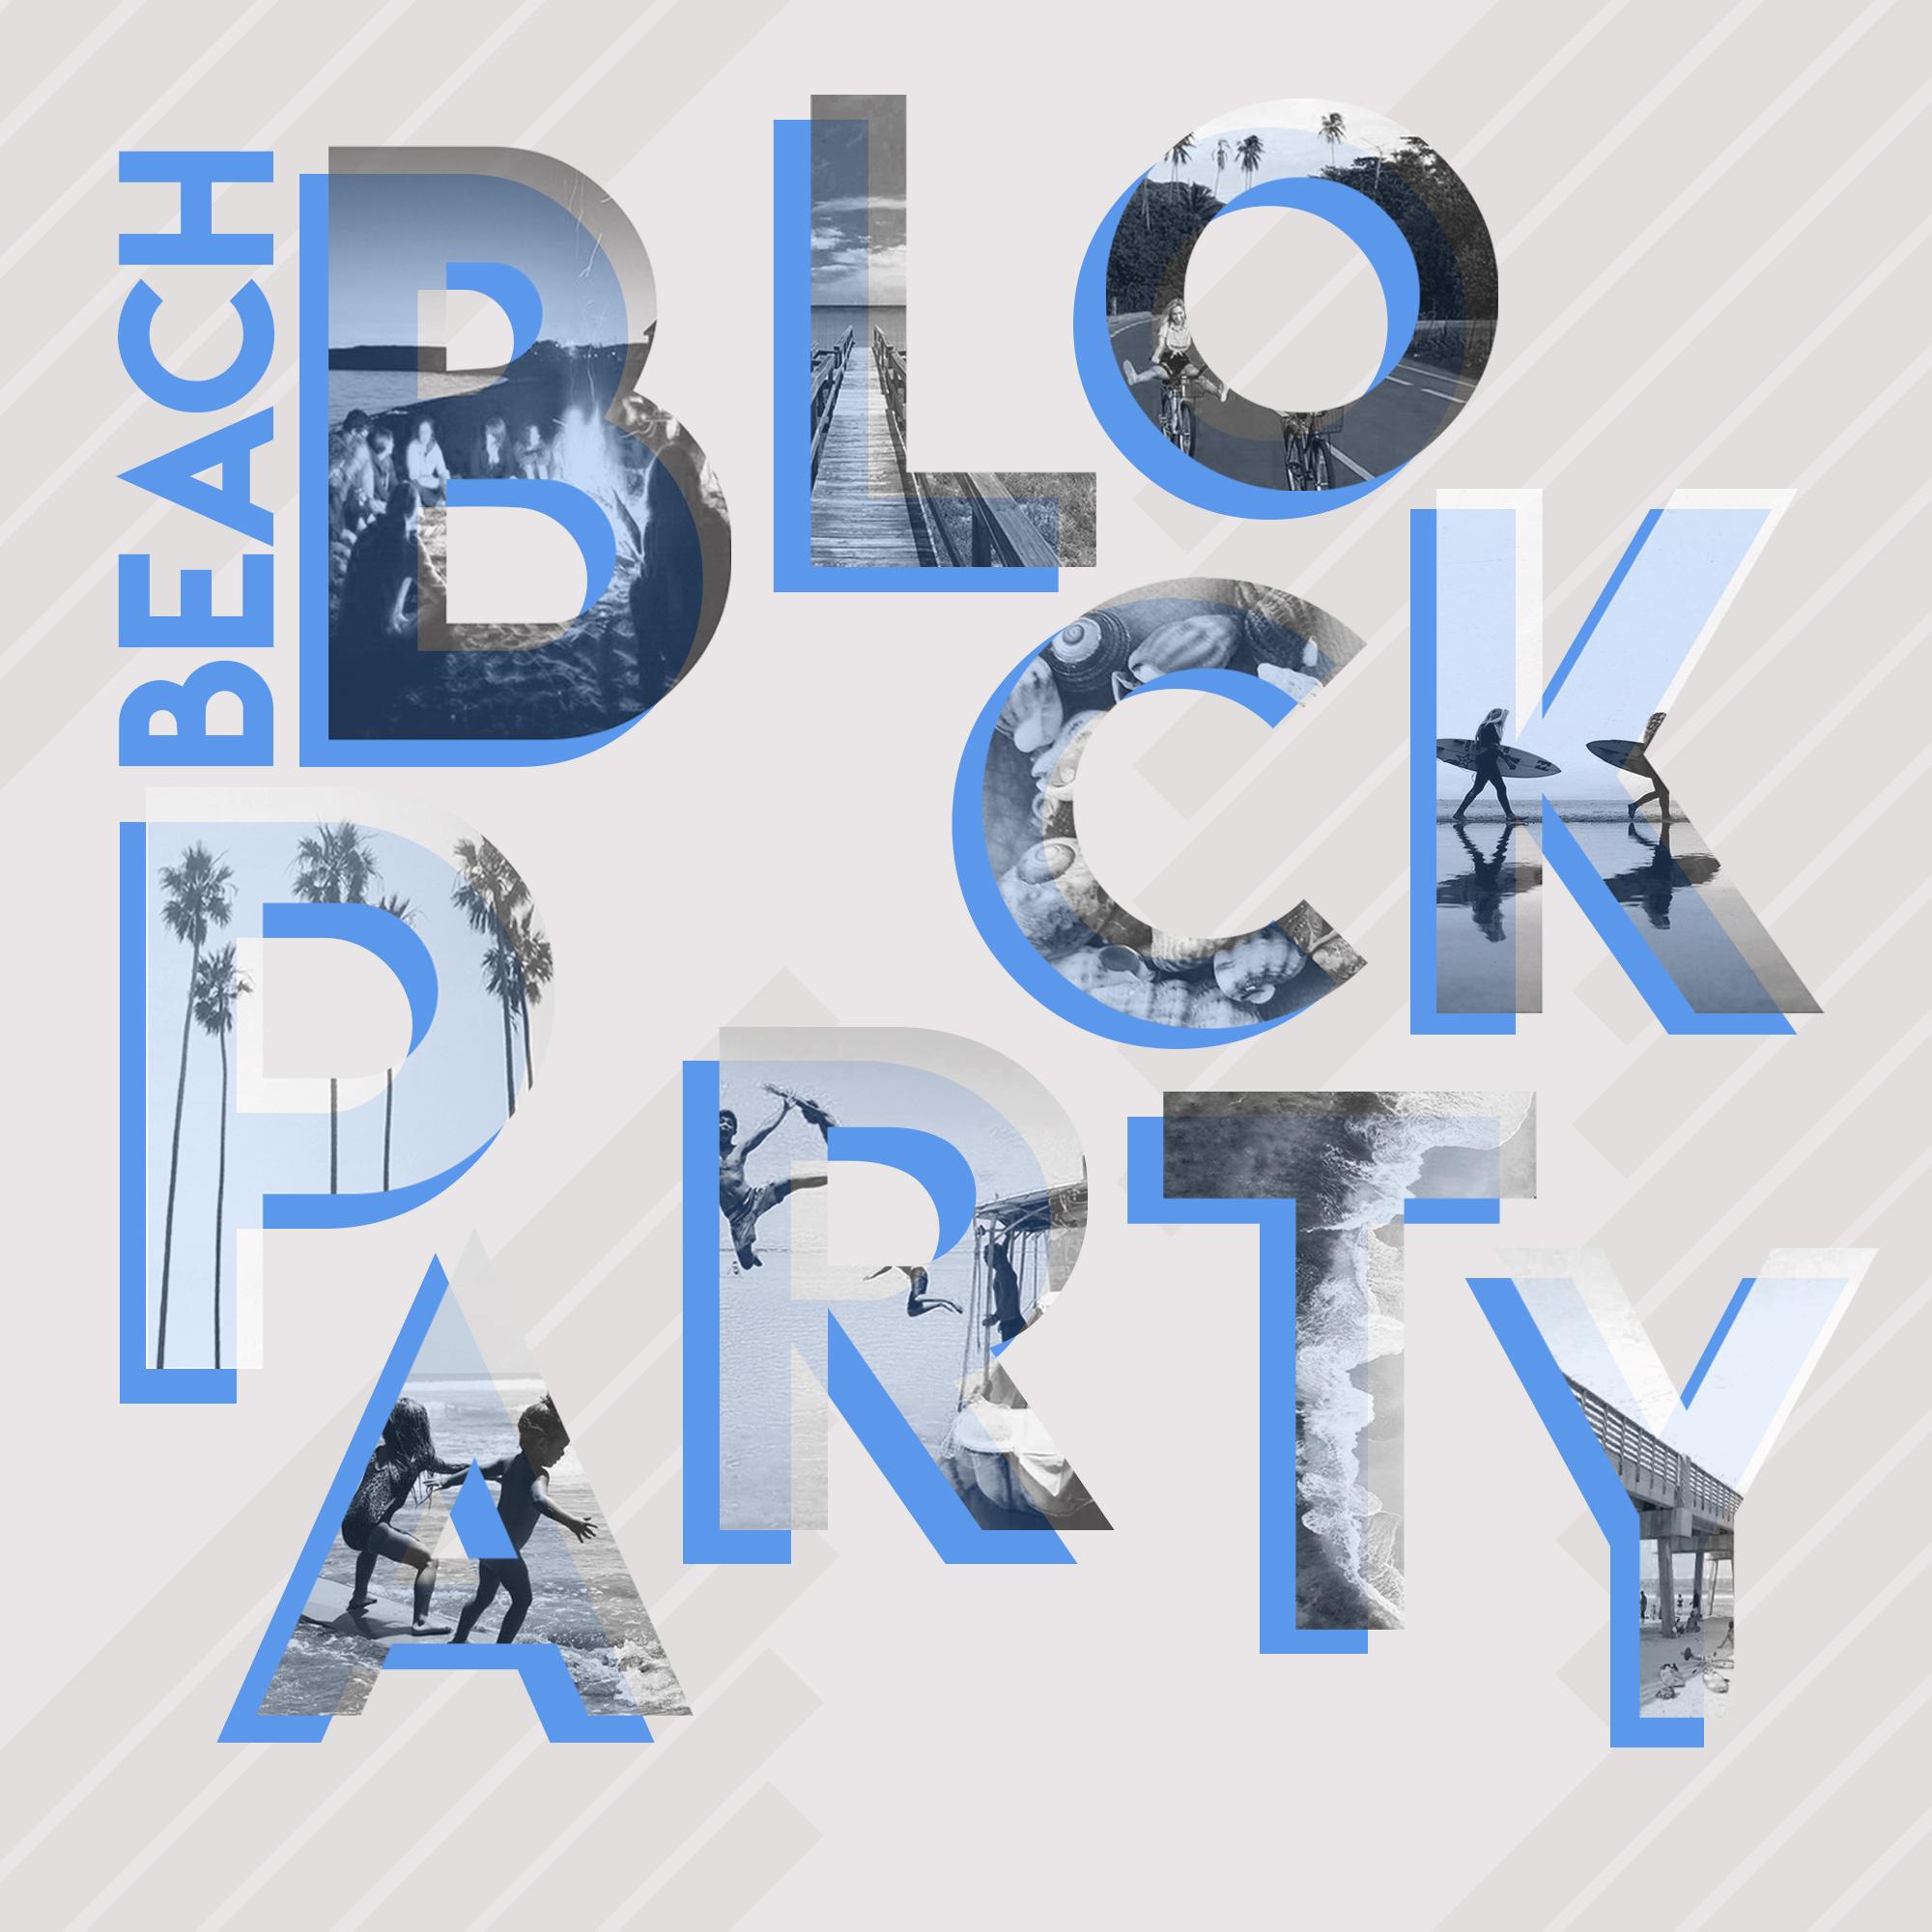 BeachBlockPartyGraphic.jpg